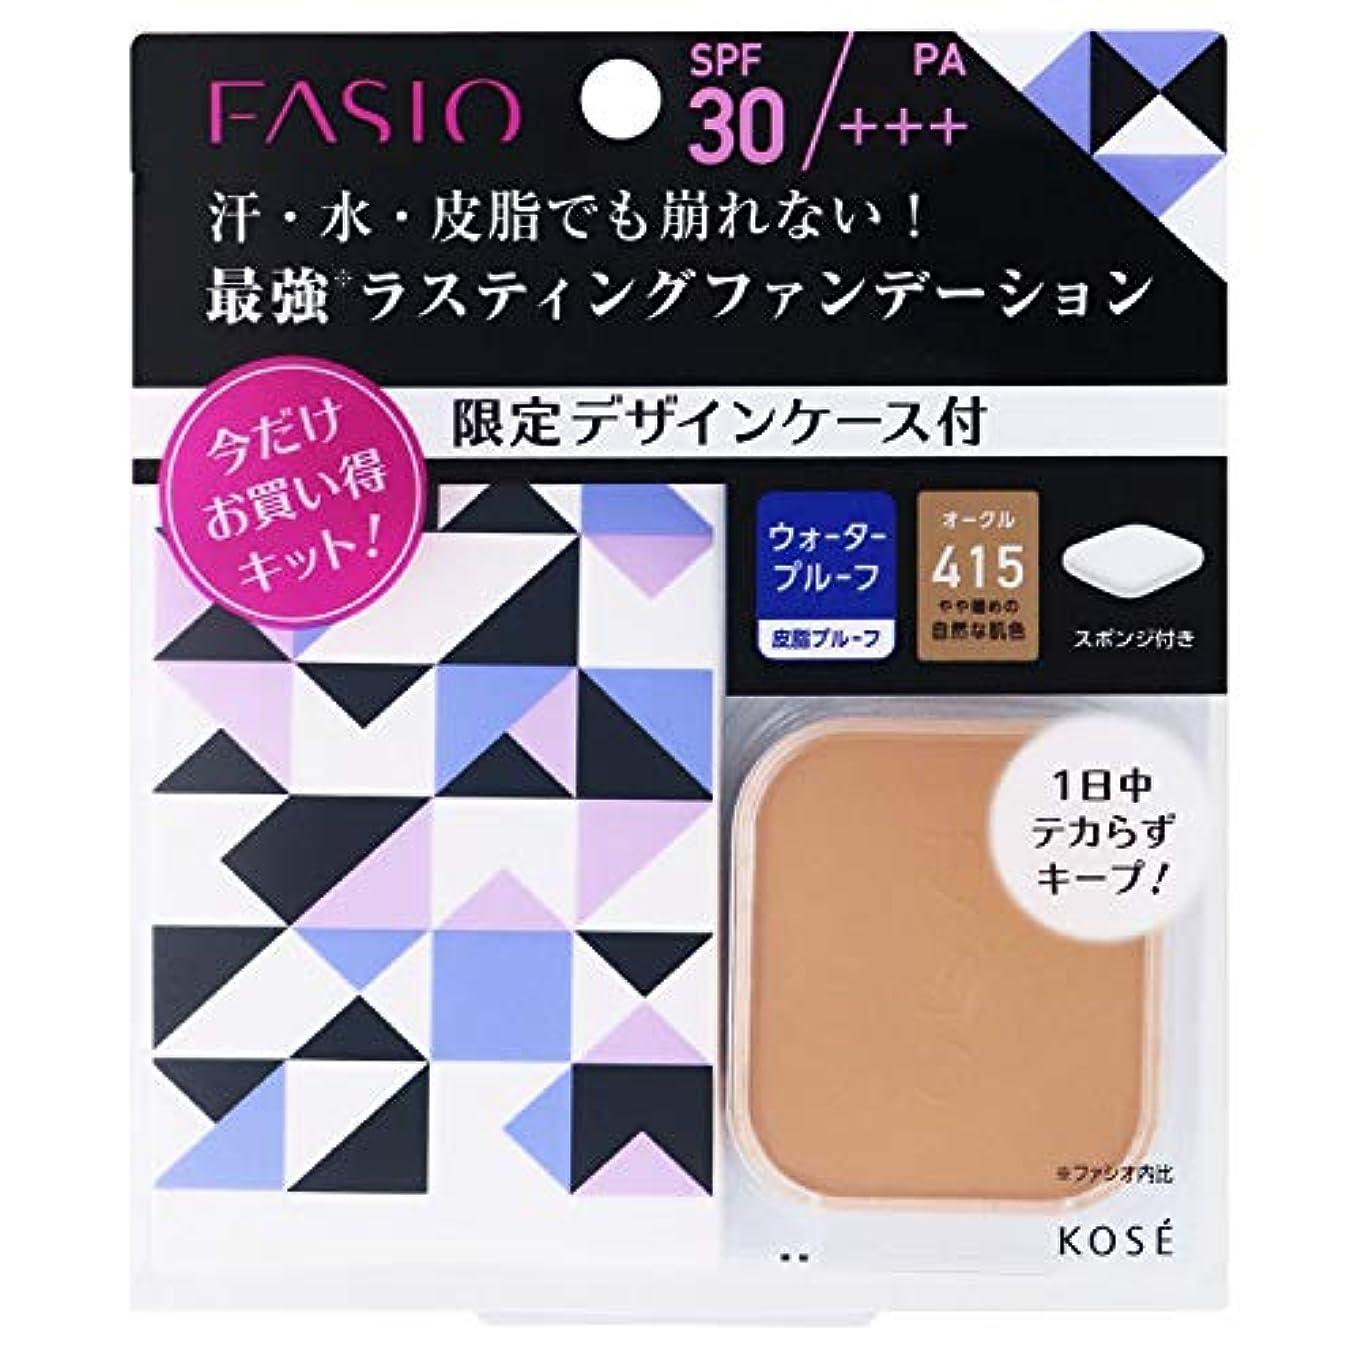 み有害な解読するファシオ ラスティング ファンデーション WP キット 3 415 オークル やや暗めの自然な肌色 10g